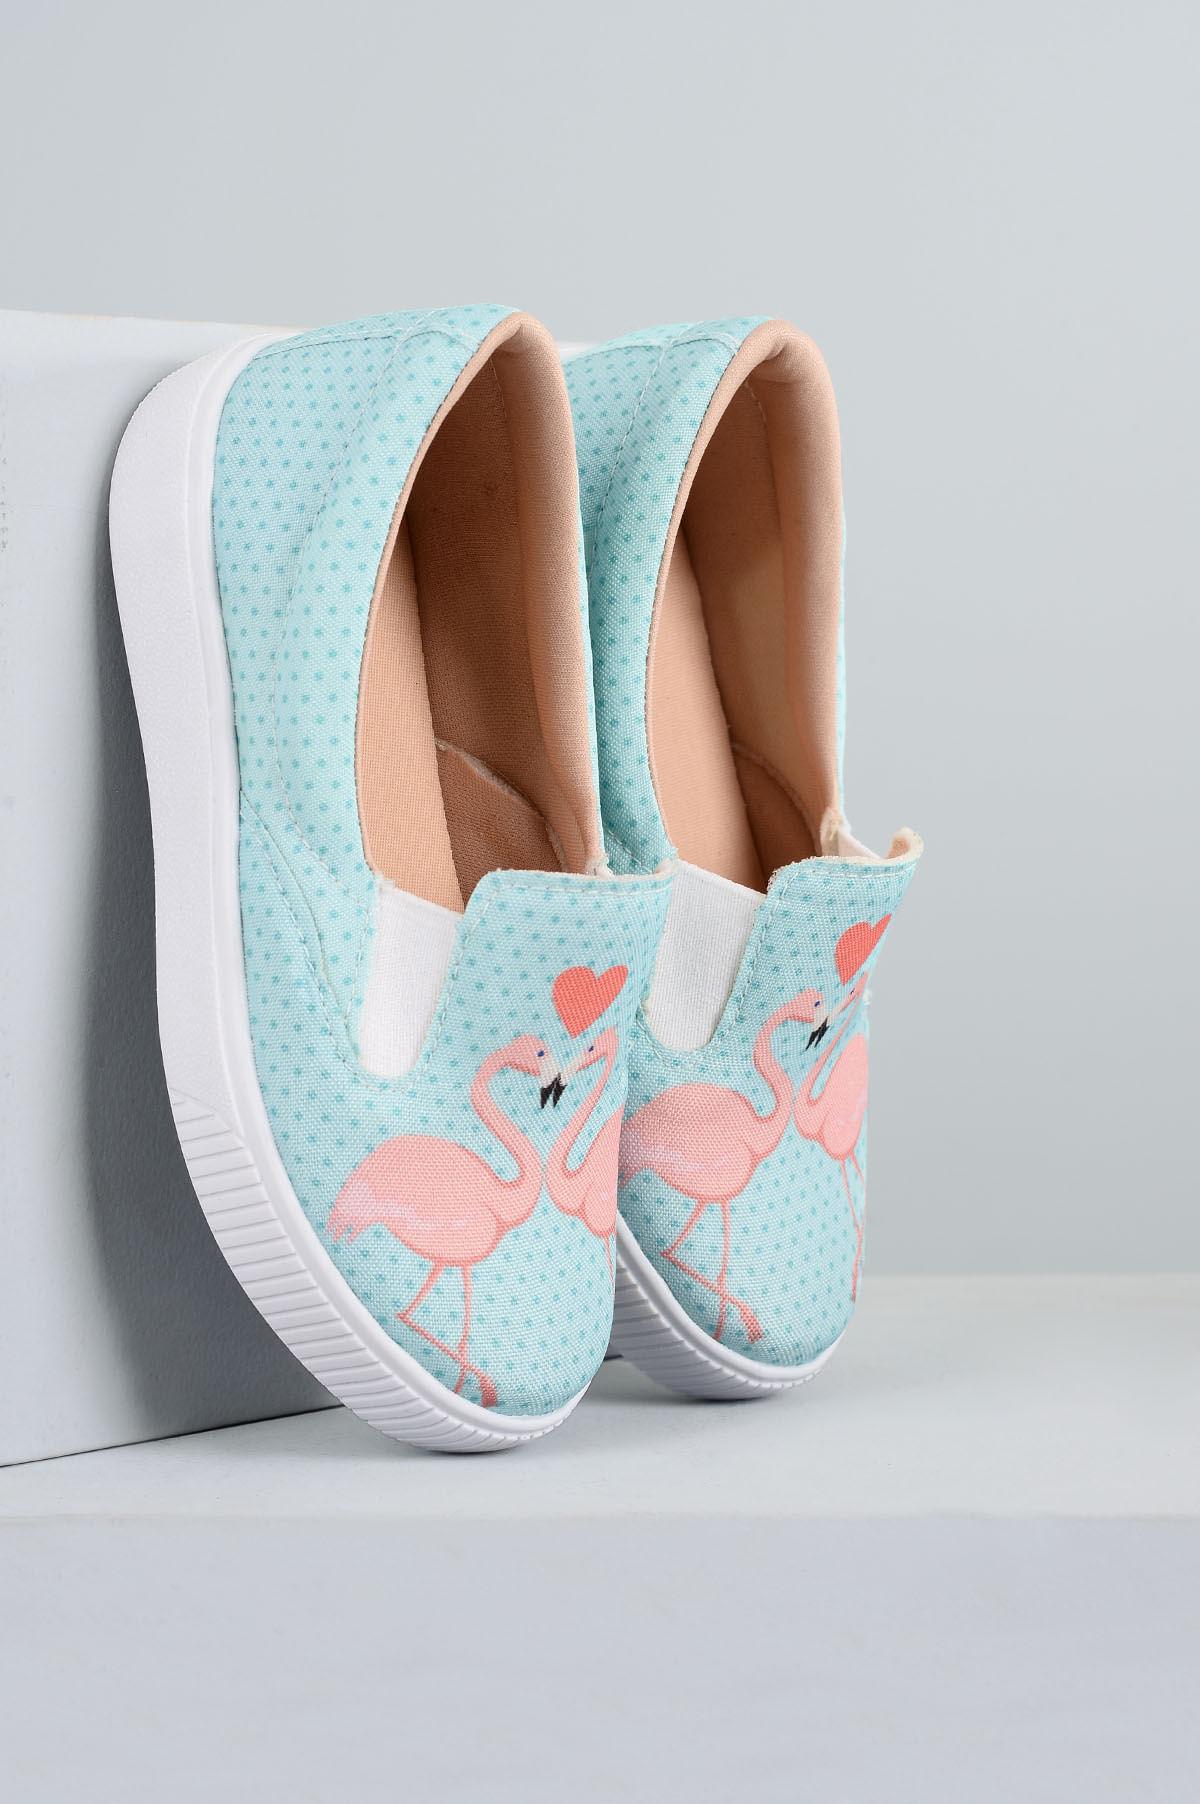 949a67783fa Tênis Infantil Flamingo Menina Fashion SINT - AZUL - Mundial Calçados